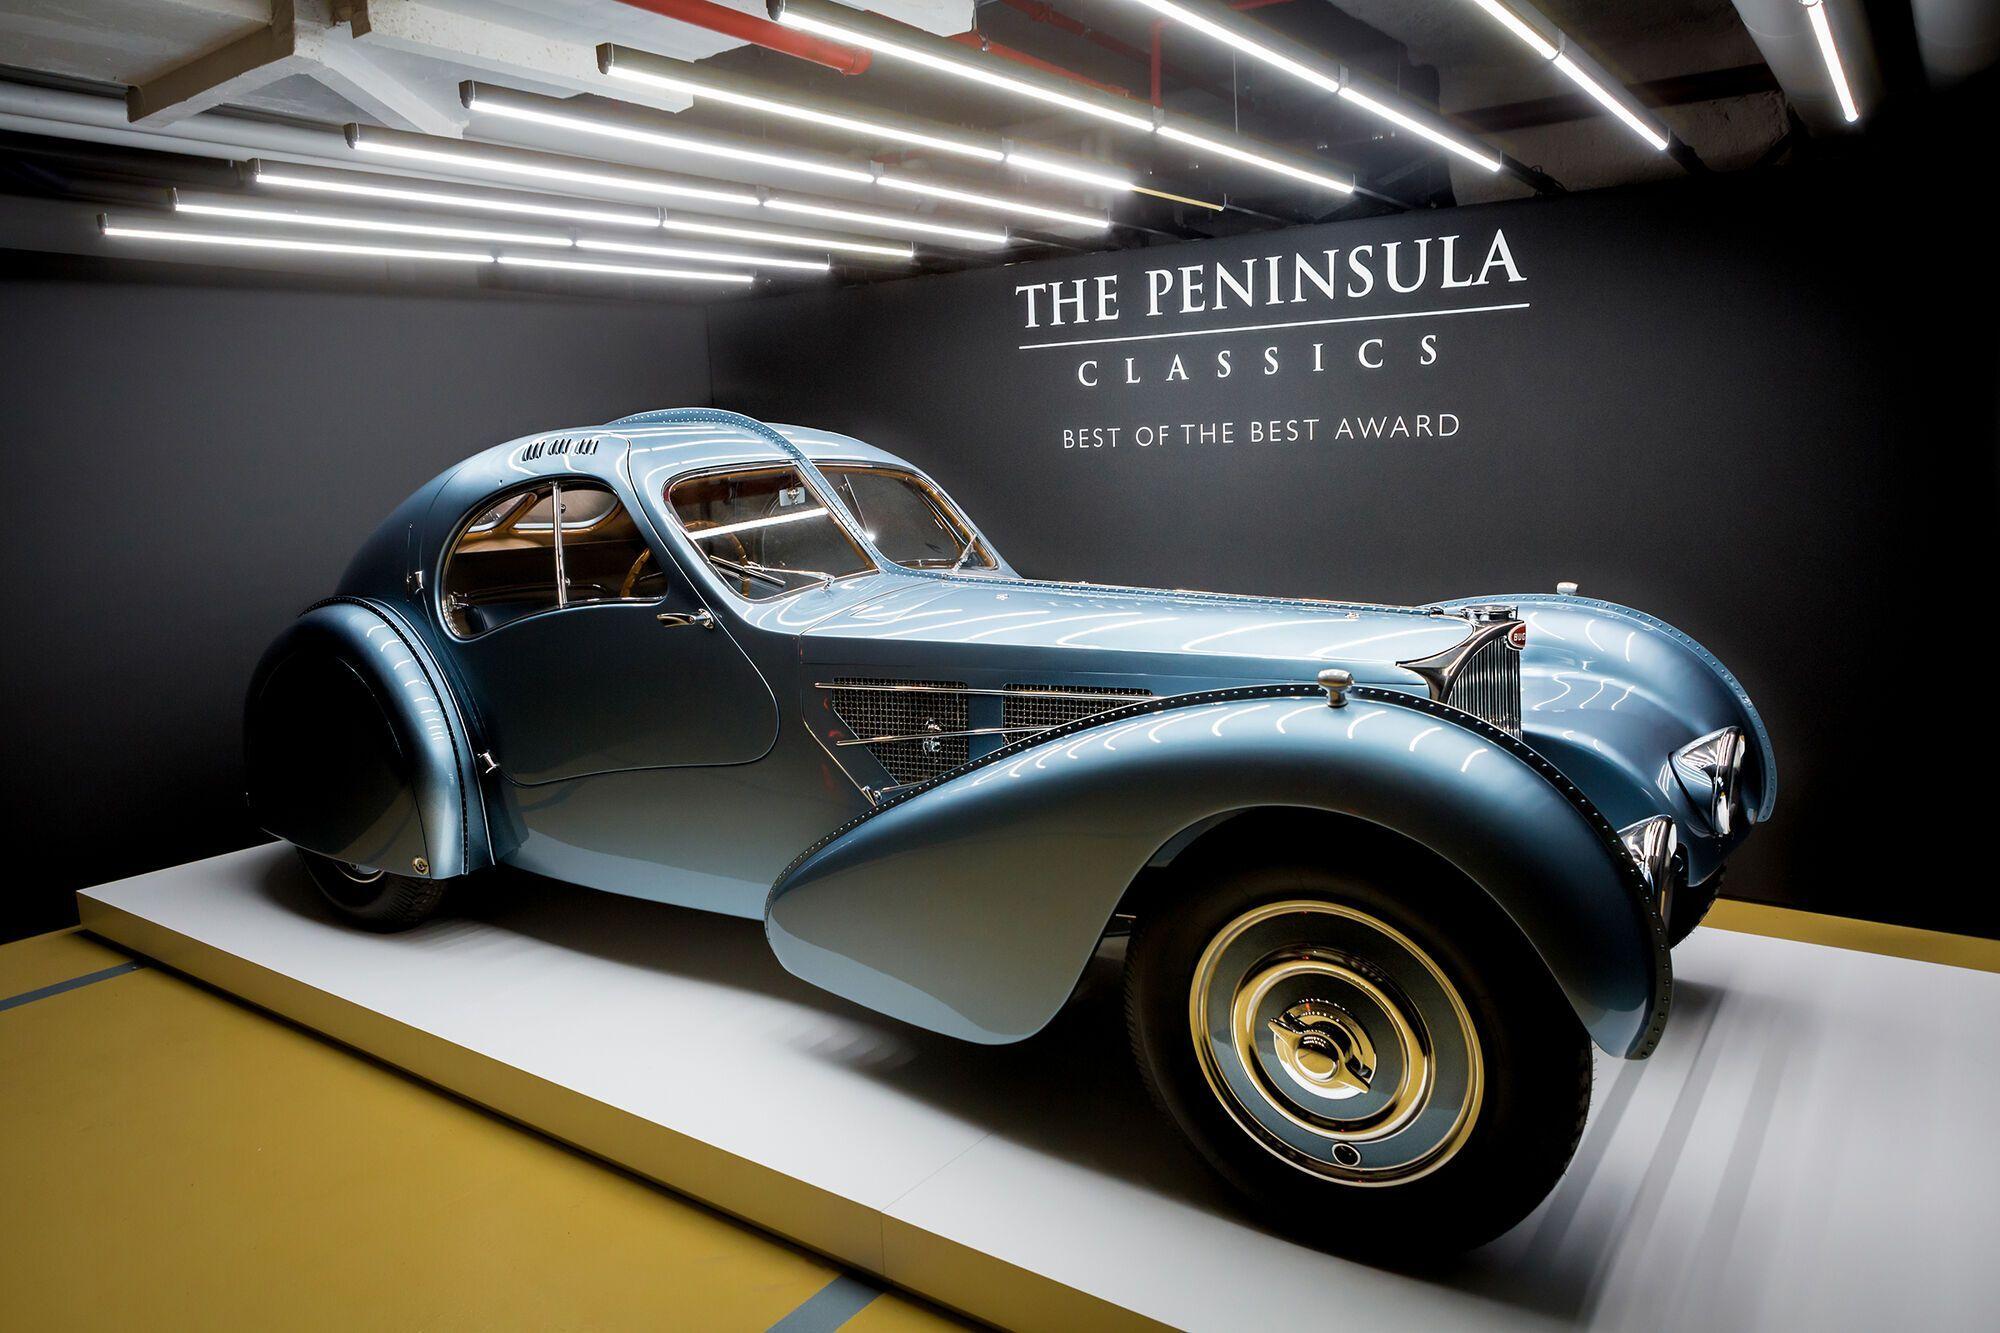 Bugatti Type 57 Atlantic чудово виглядав, але не пішов у виробництво